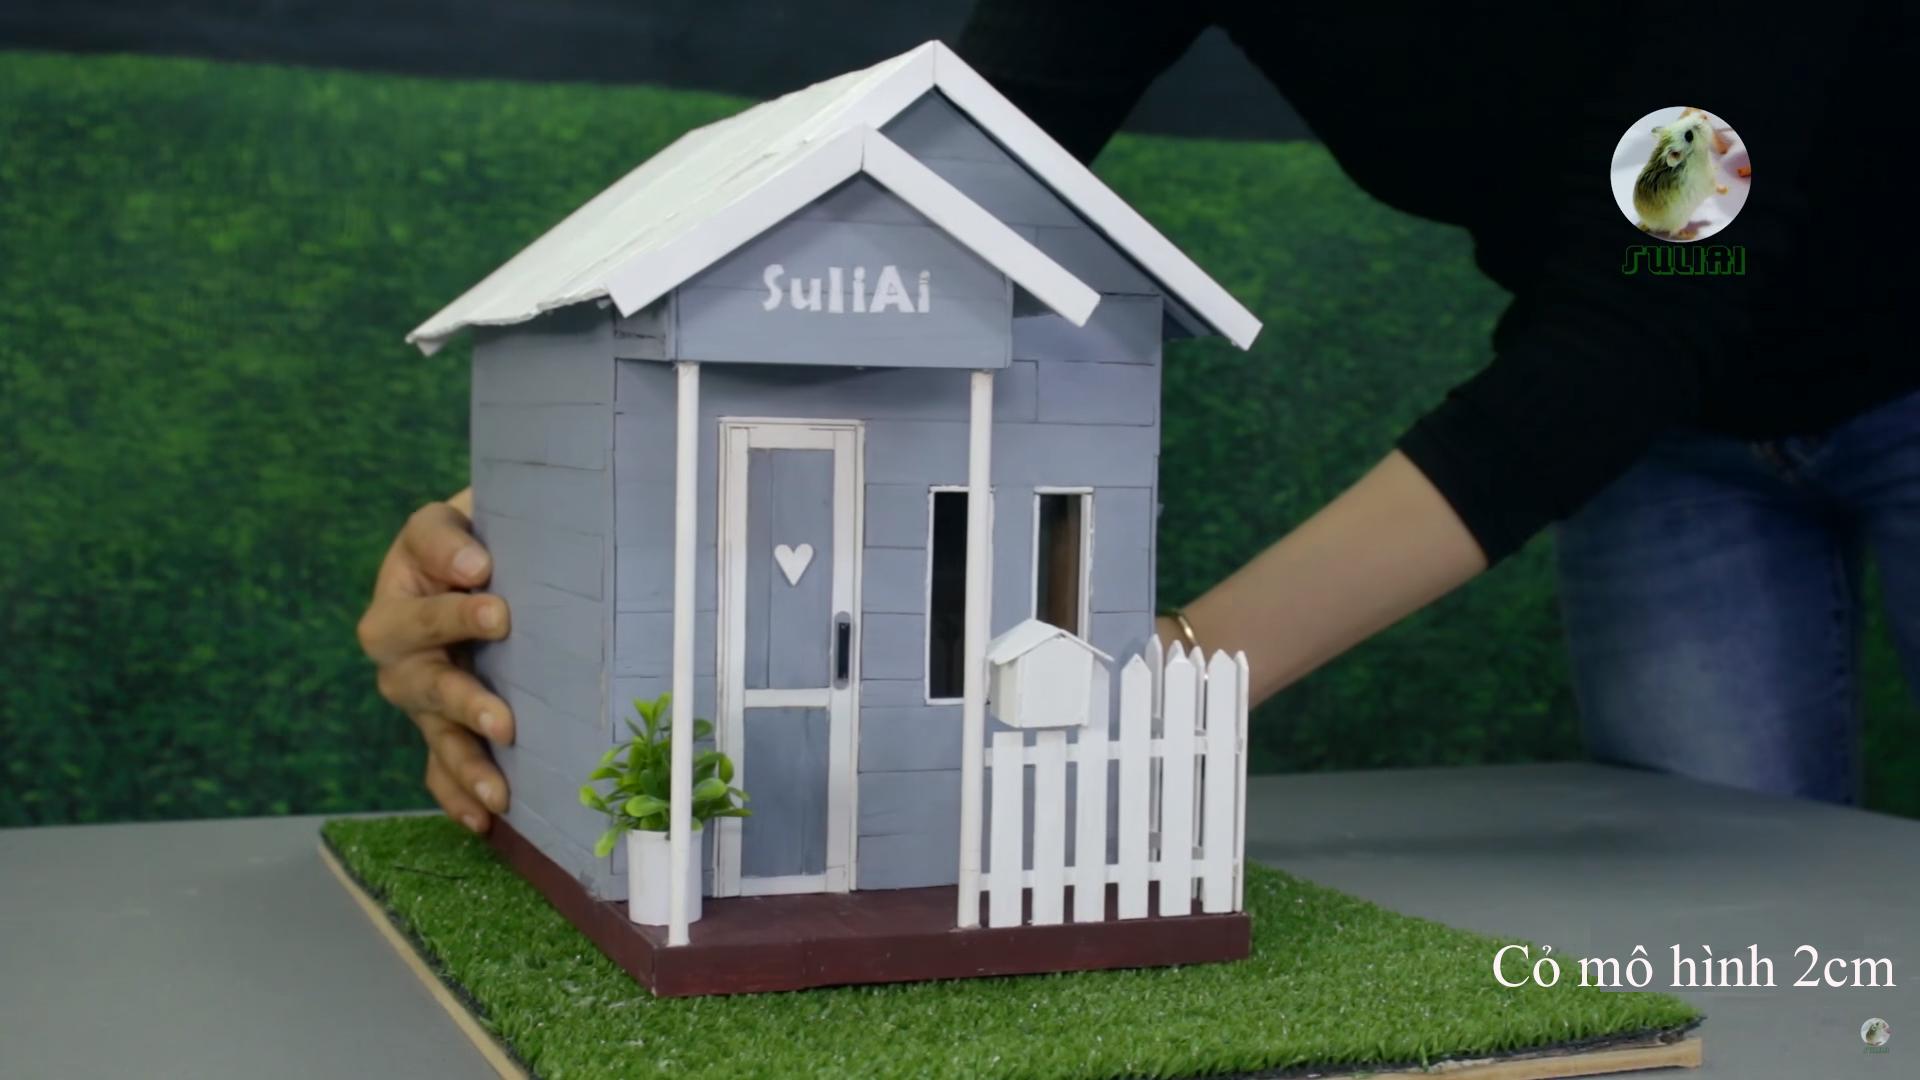 Đặt thử mẫu mô hình lên cỏ 2cm